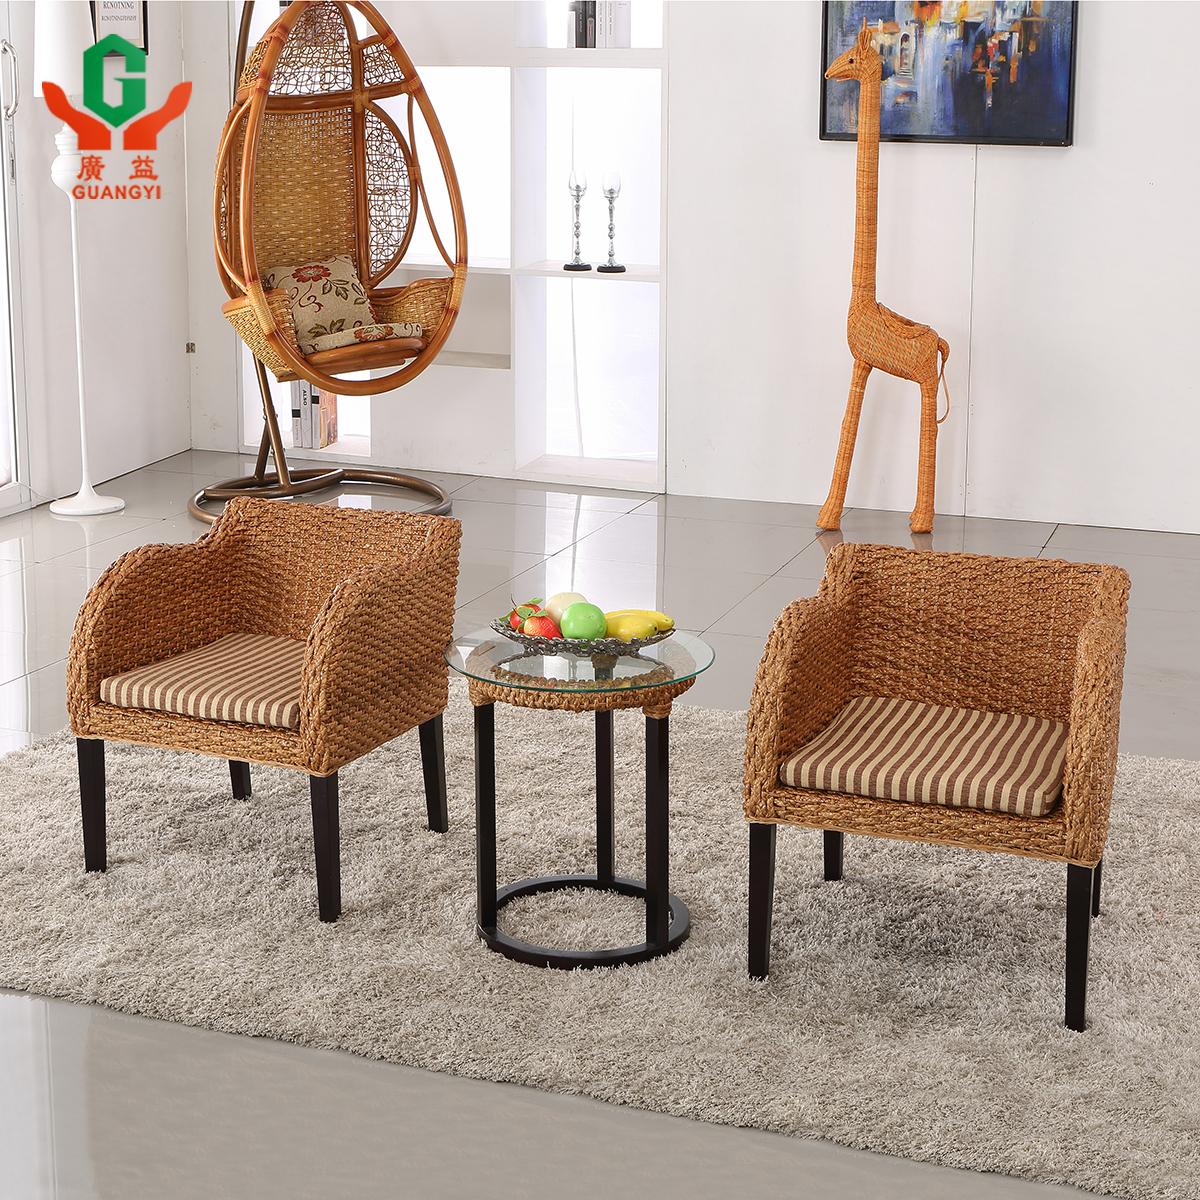 尤立进口印尼藤藤椅 休闲扶手椅组合 藤椅三件套 时尚咖啡椅 户外